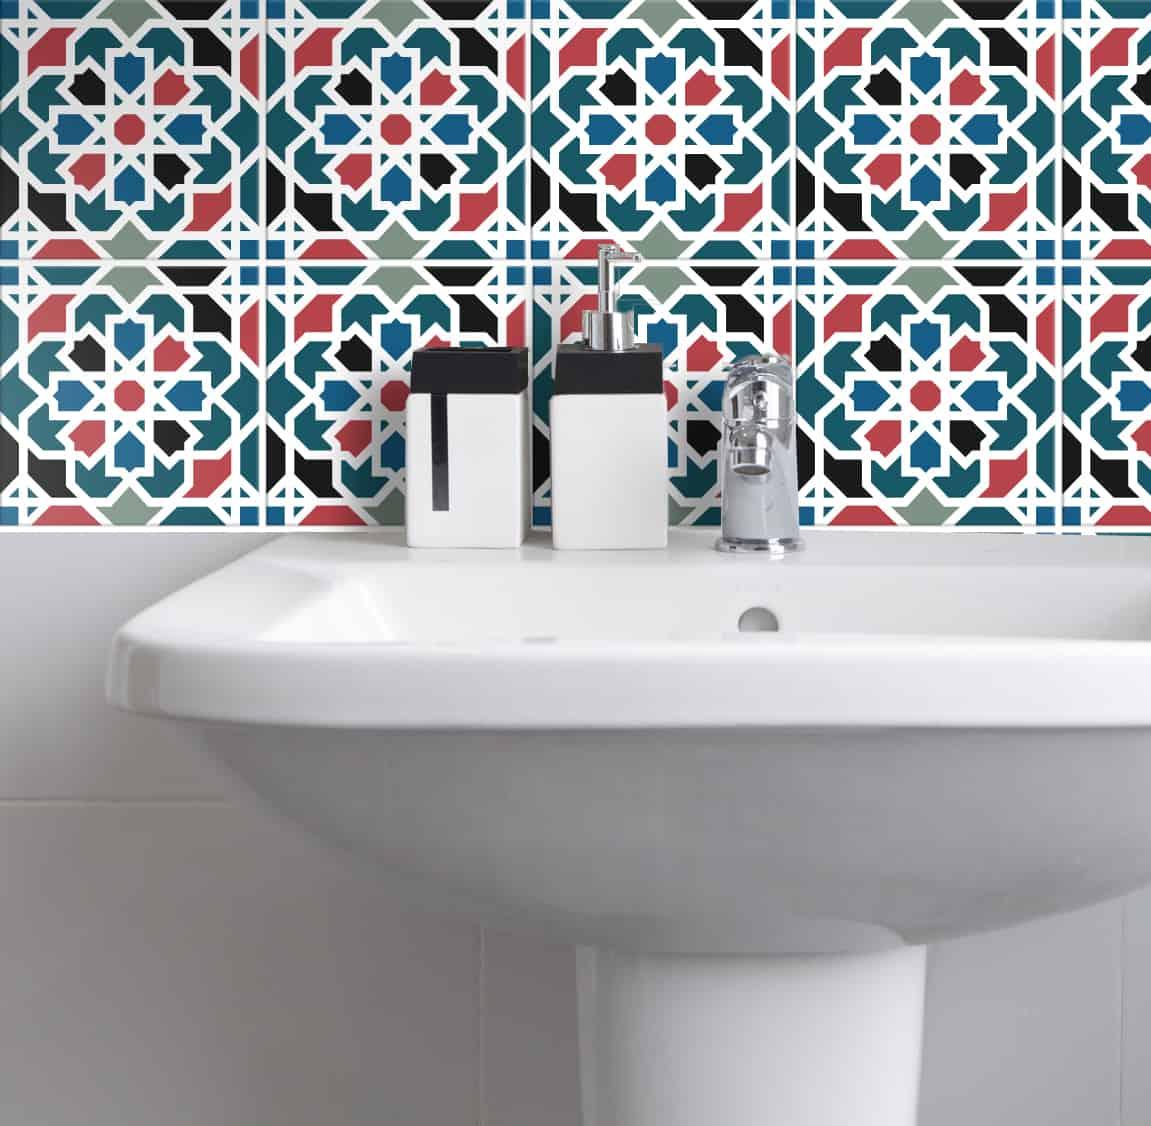 Fliesenaufkleber Küche und Badezimmer – Orientalisch Geometrisch ...